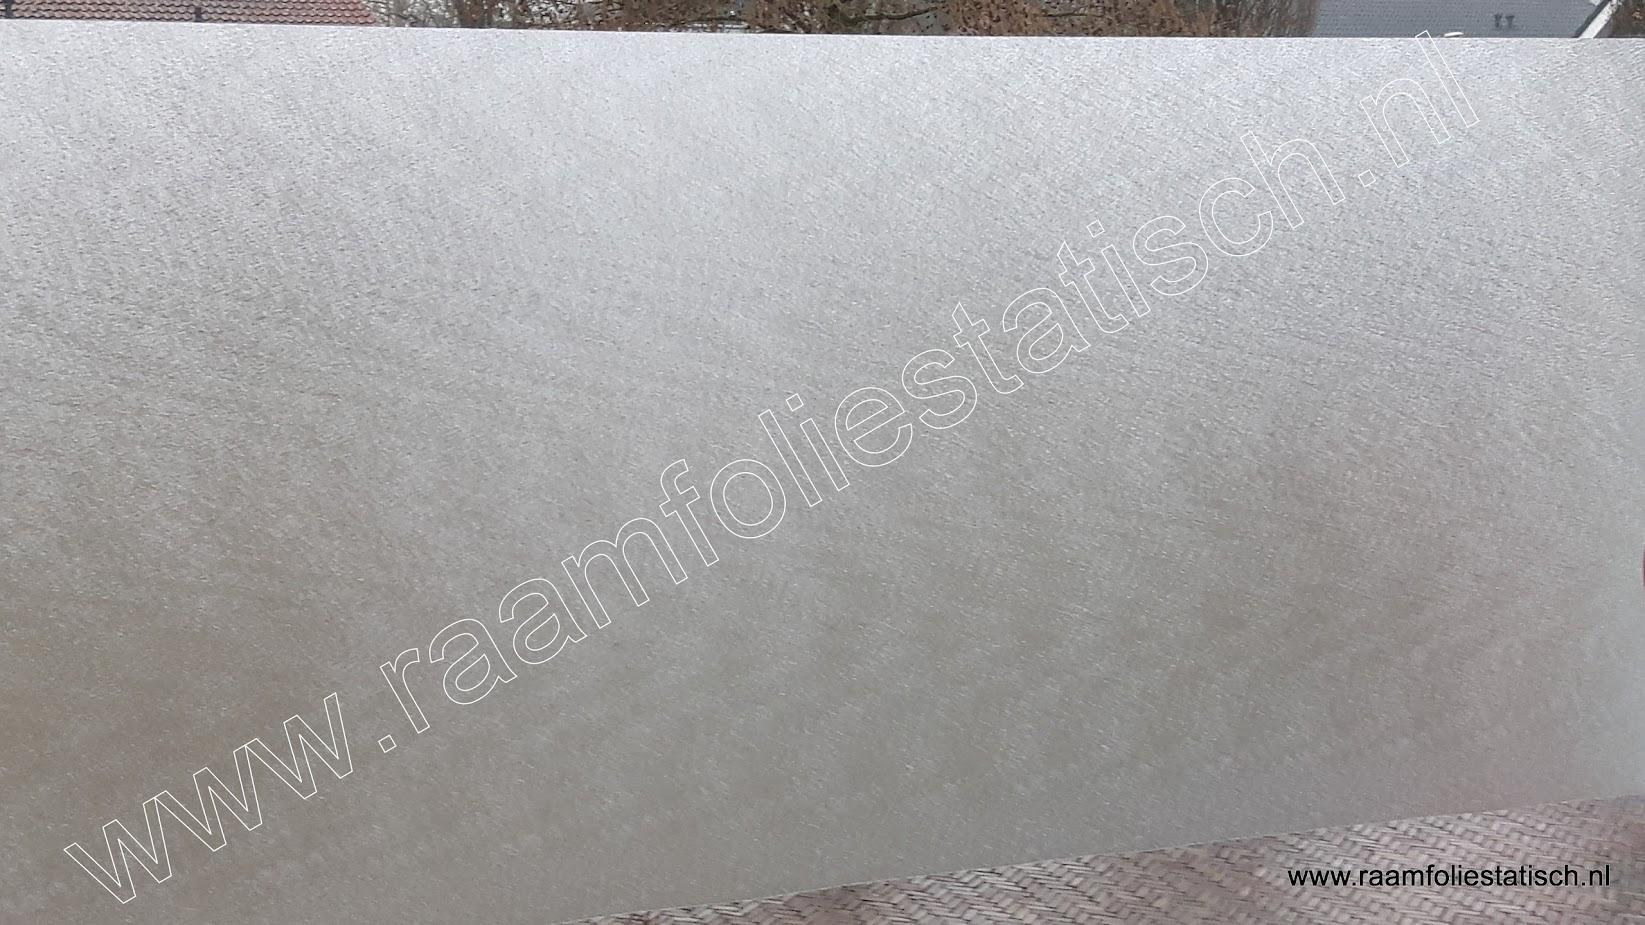 Glasfolie statische fiberglas kopen?